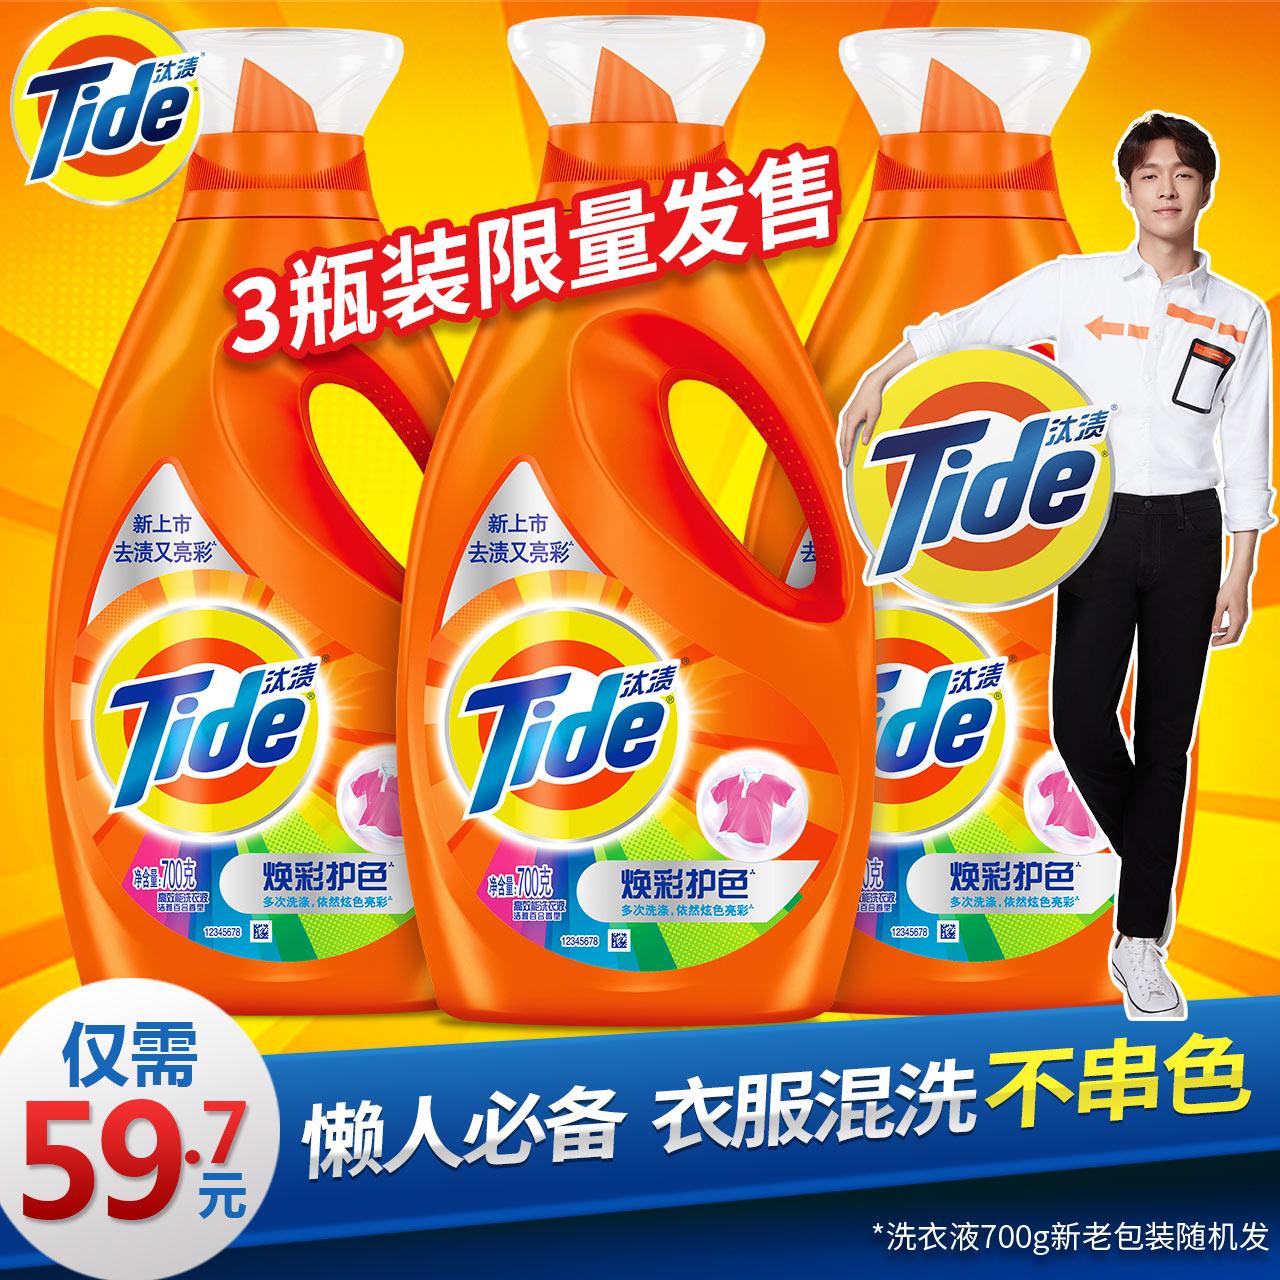 宝洁汰渍焕彩护色机洗洗衣液700g*3瓶装香味持久家庭促销组合装